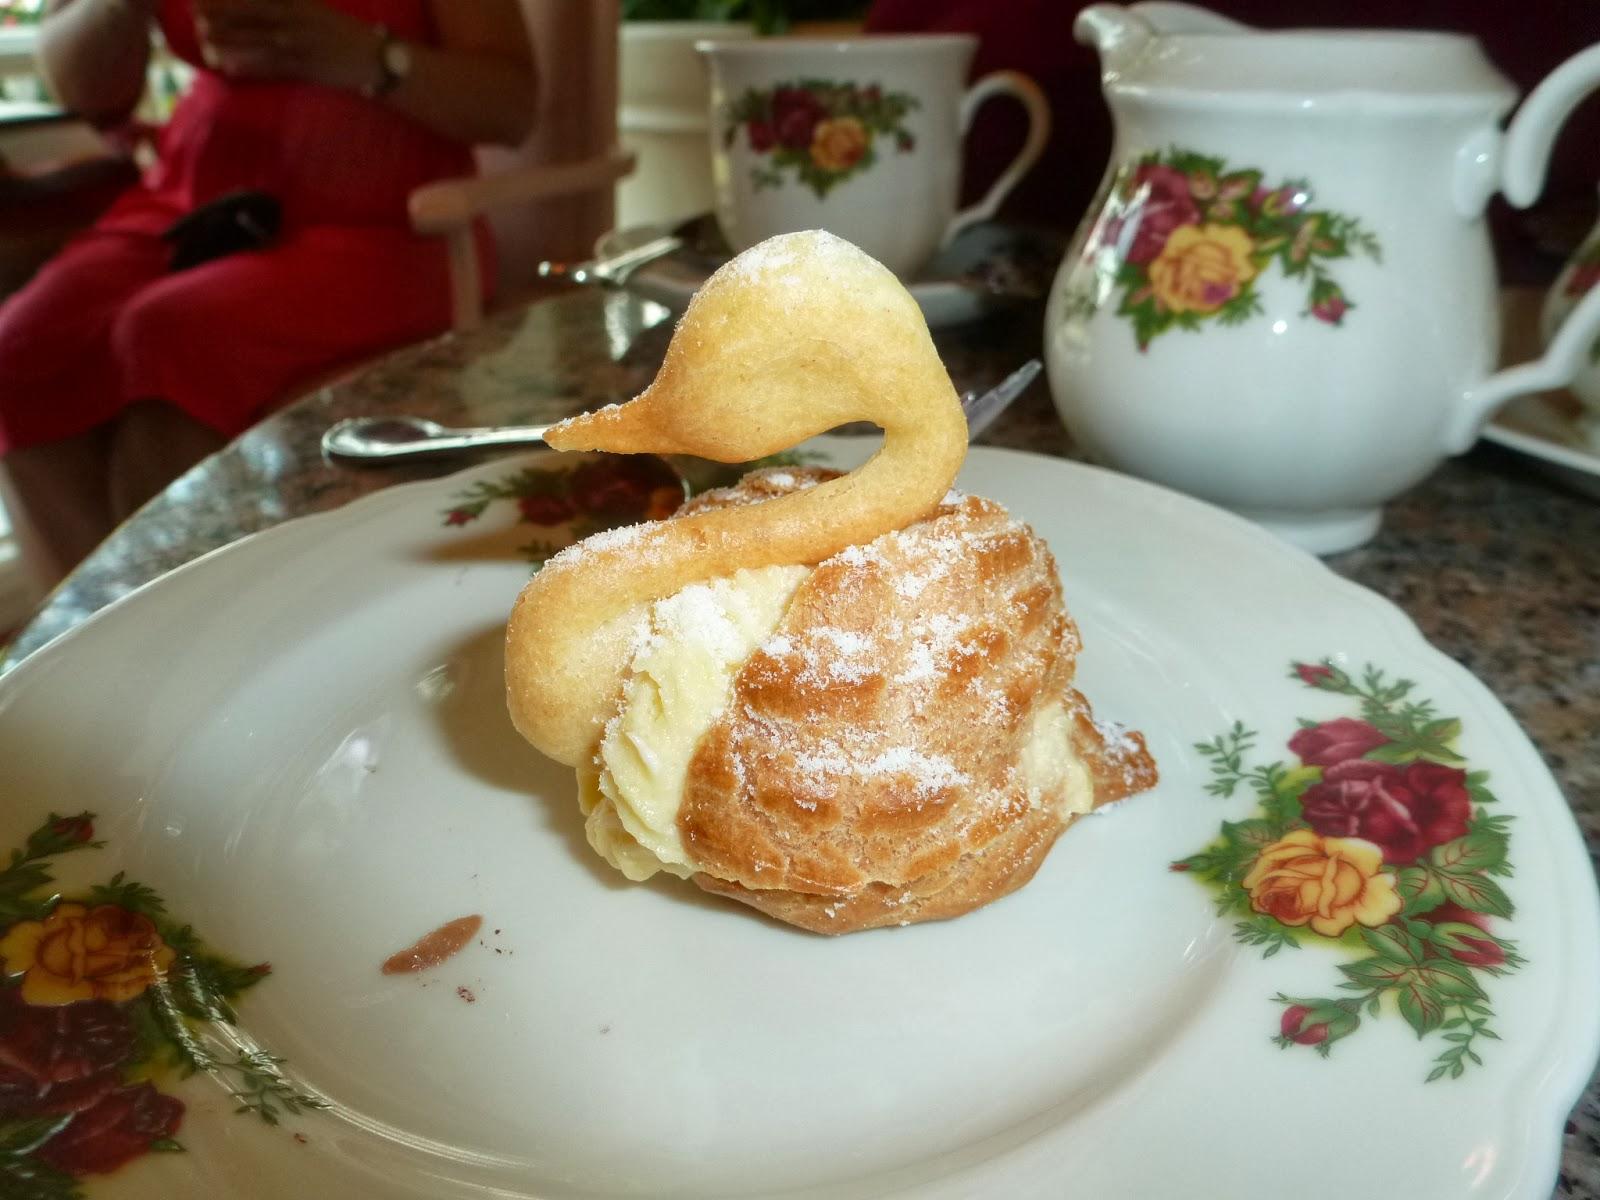 High tea afternoon tea at grand floridian s garden view tea room